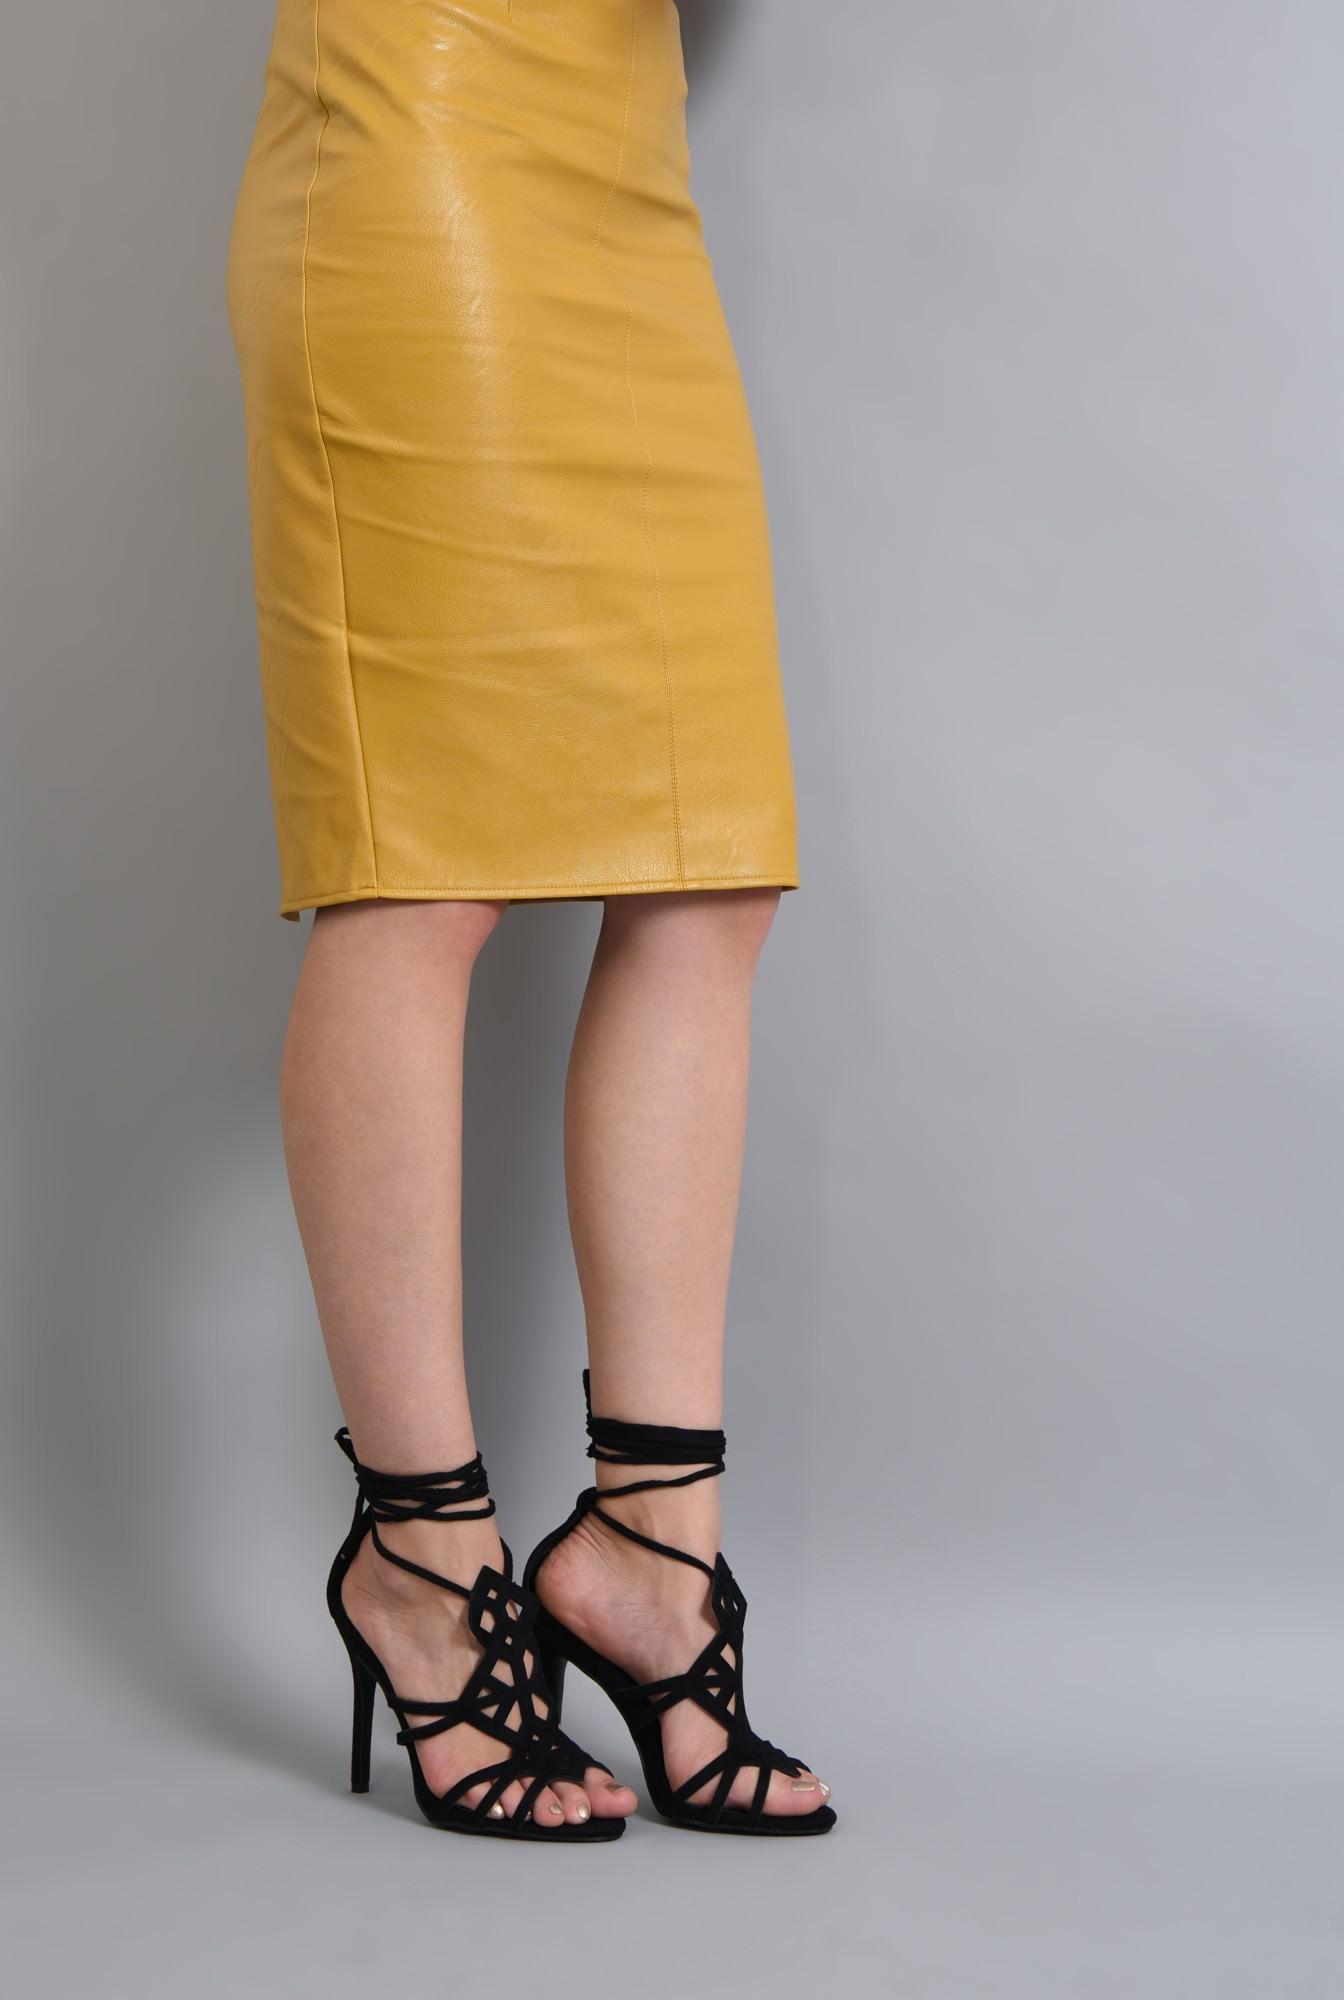 4 - sandale elegante, negru, stiletto